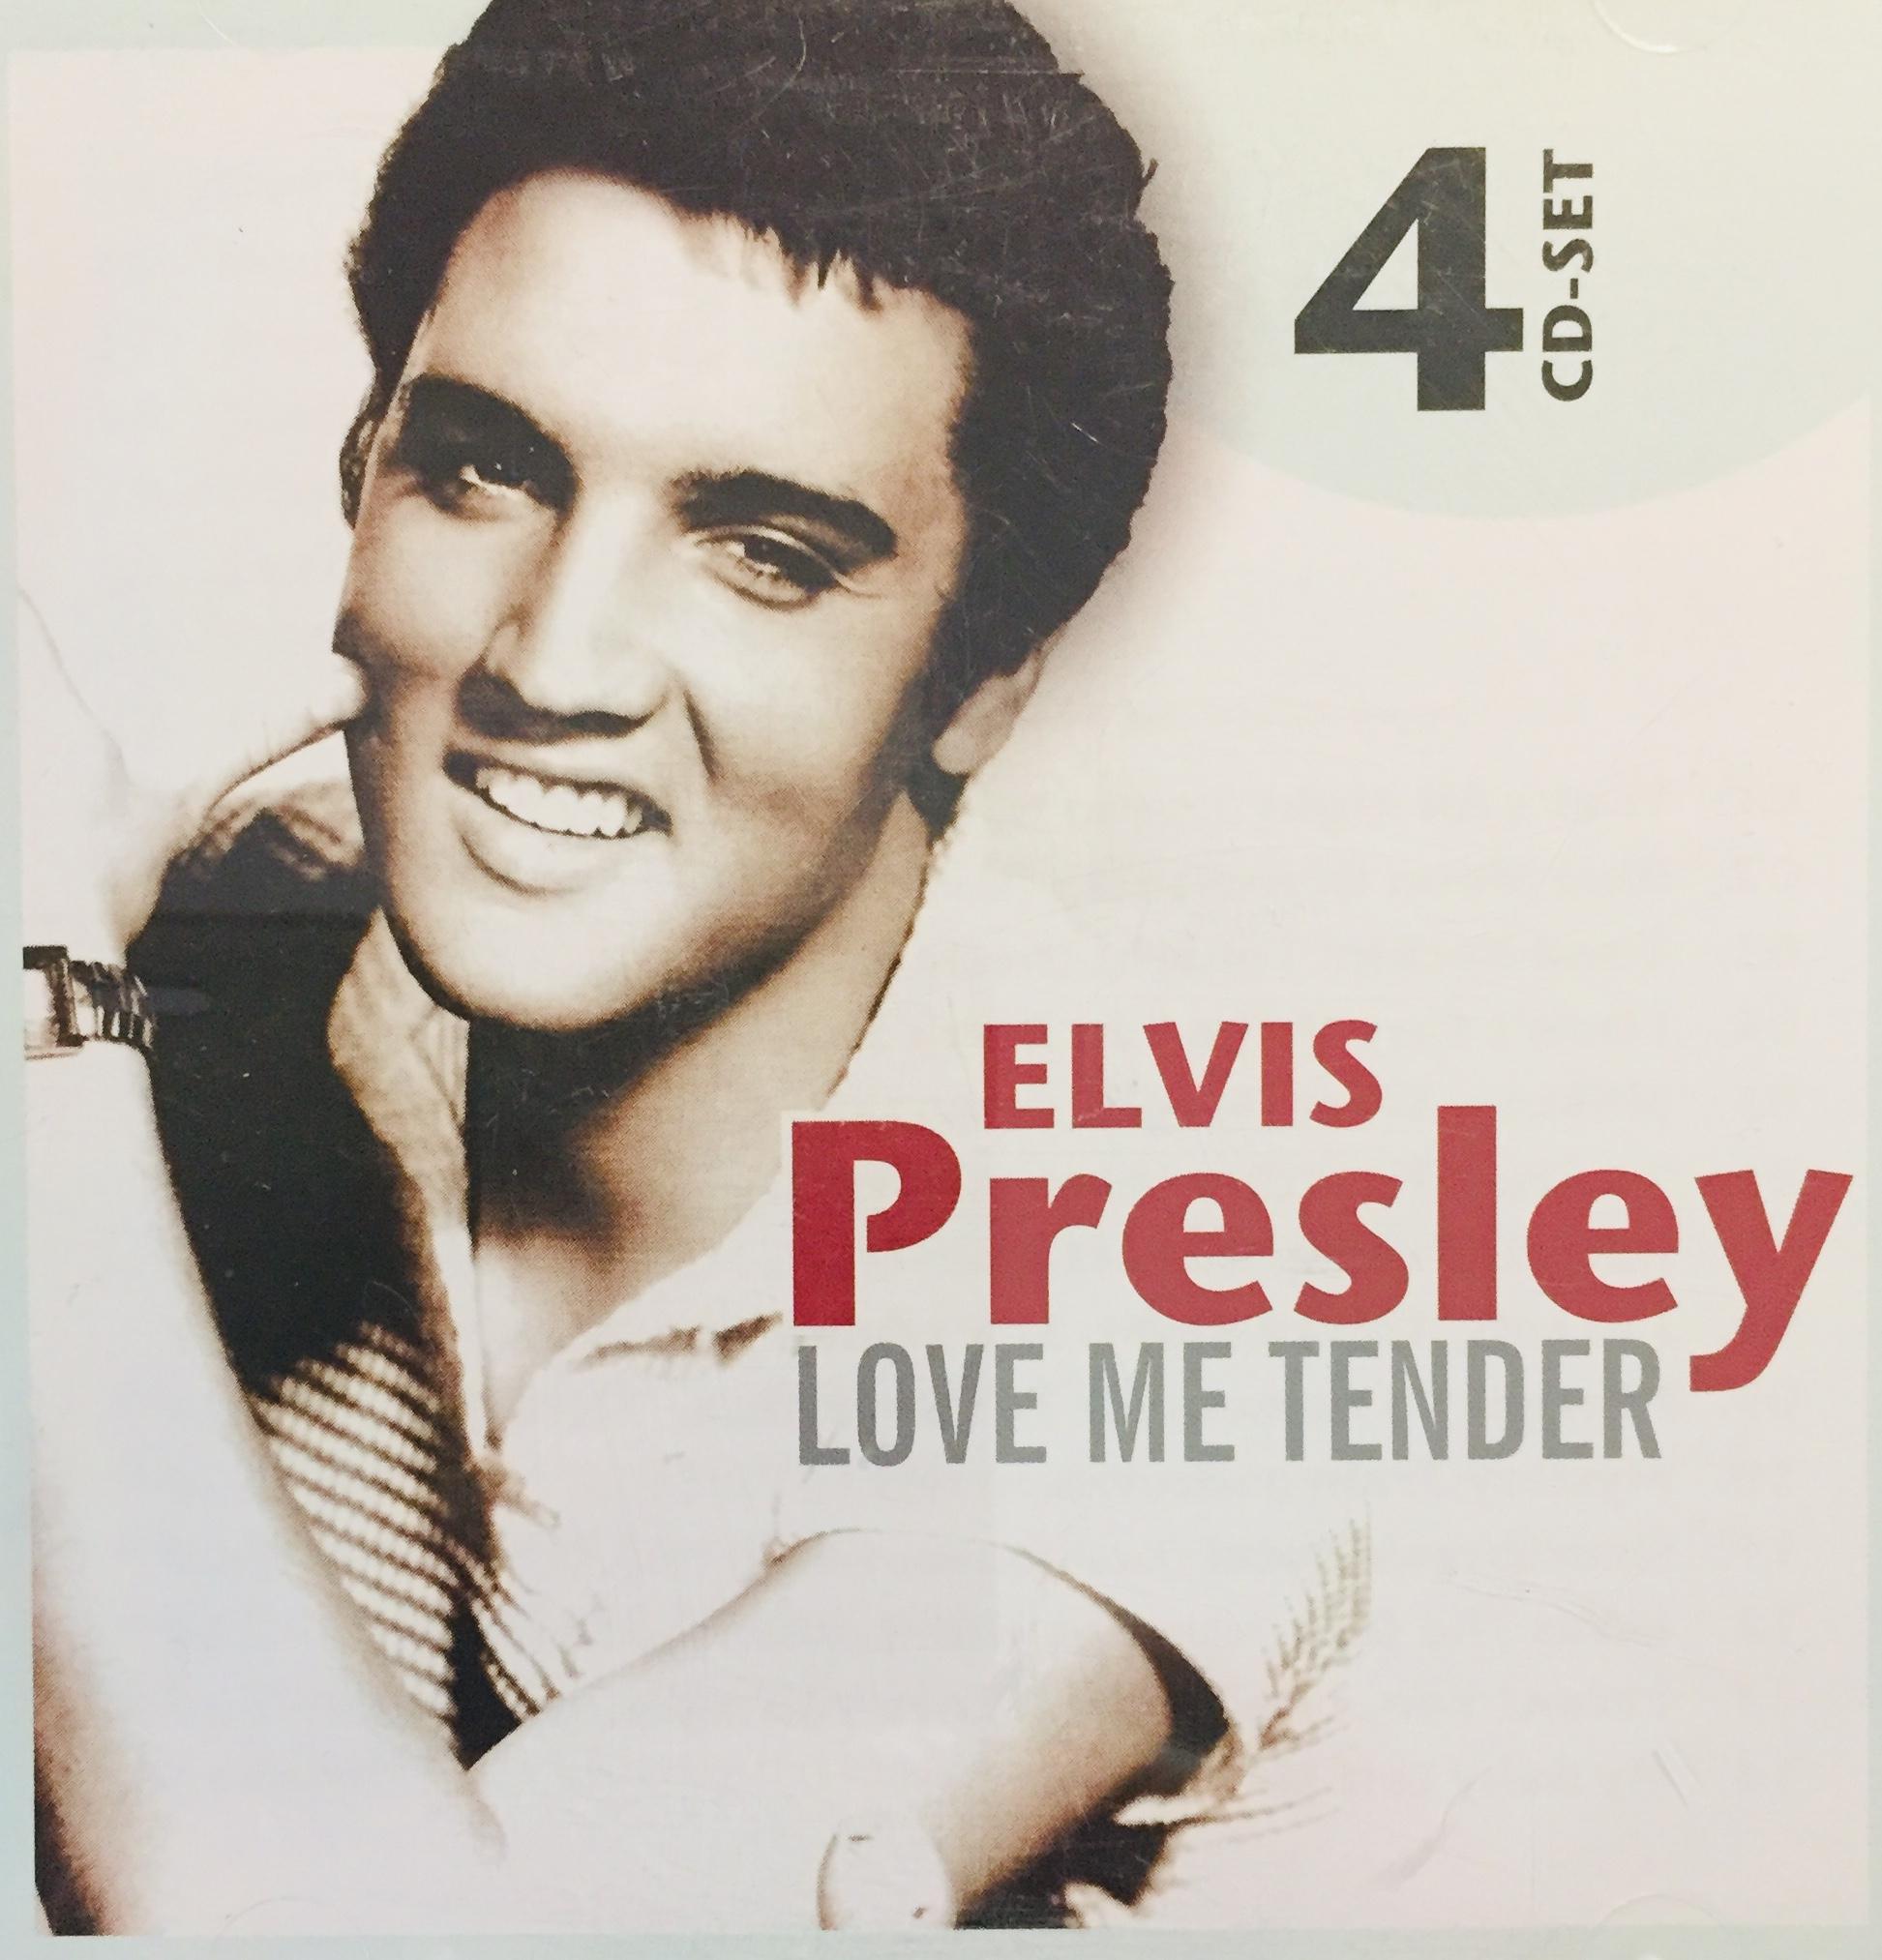 Elvis Presley - Love me Tender - 4xCD /plast/